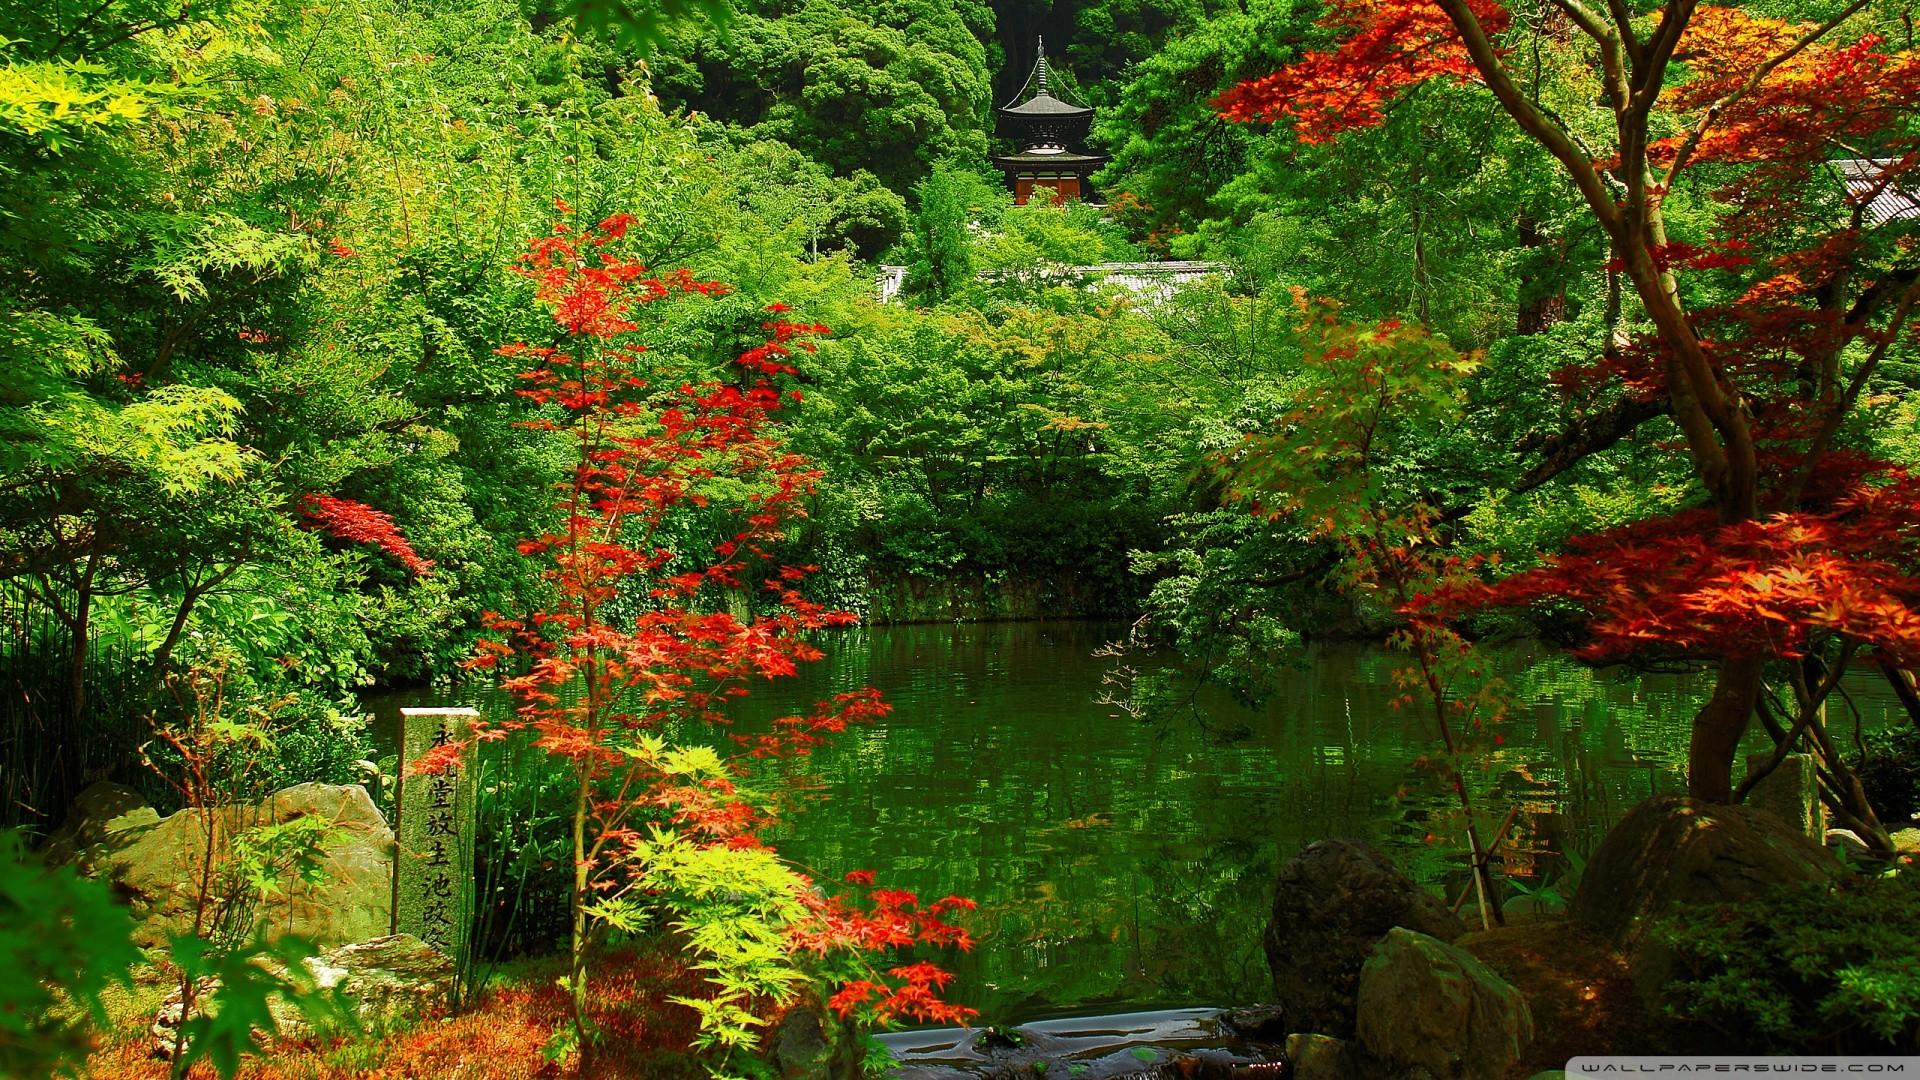 Japanese Garden Wallpaper Hd Japan garden w 1920x1080